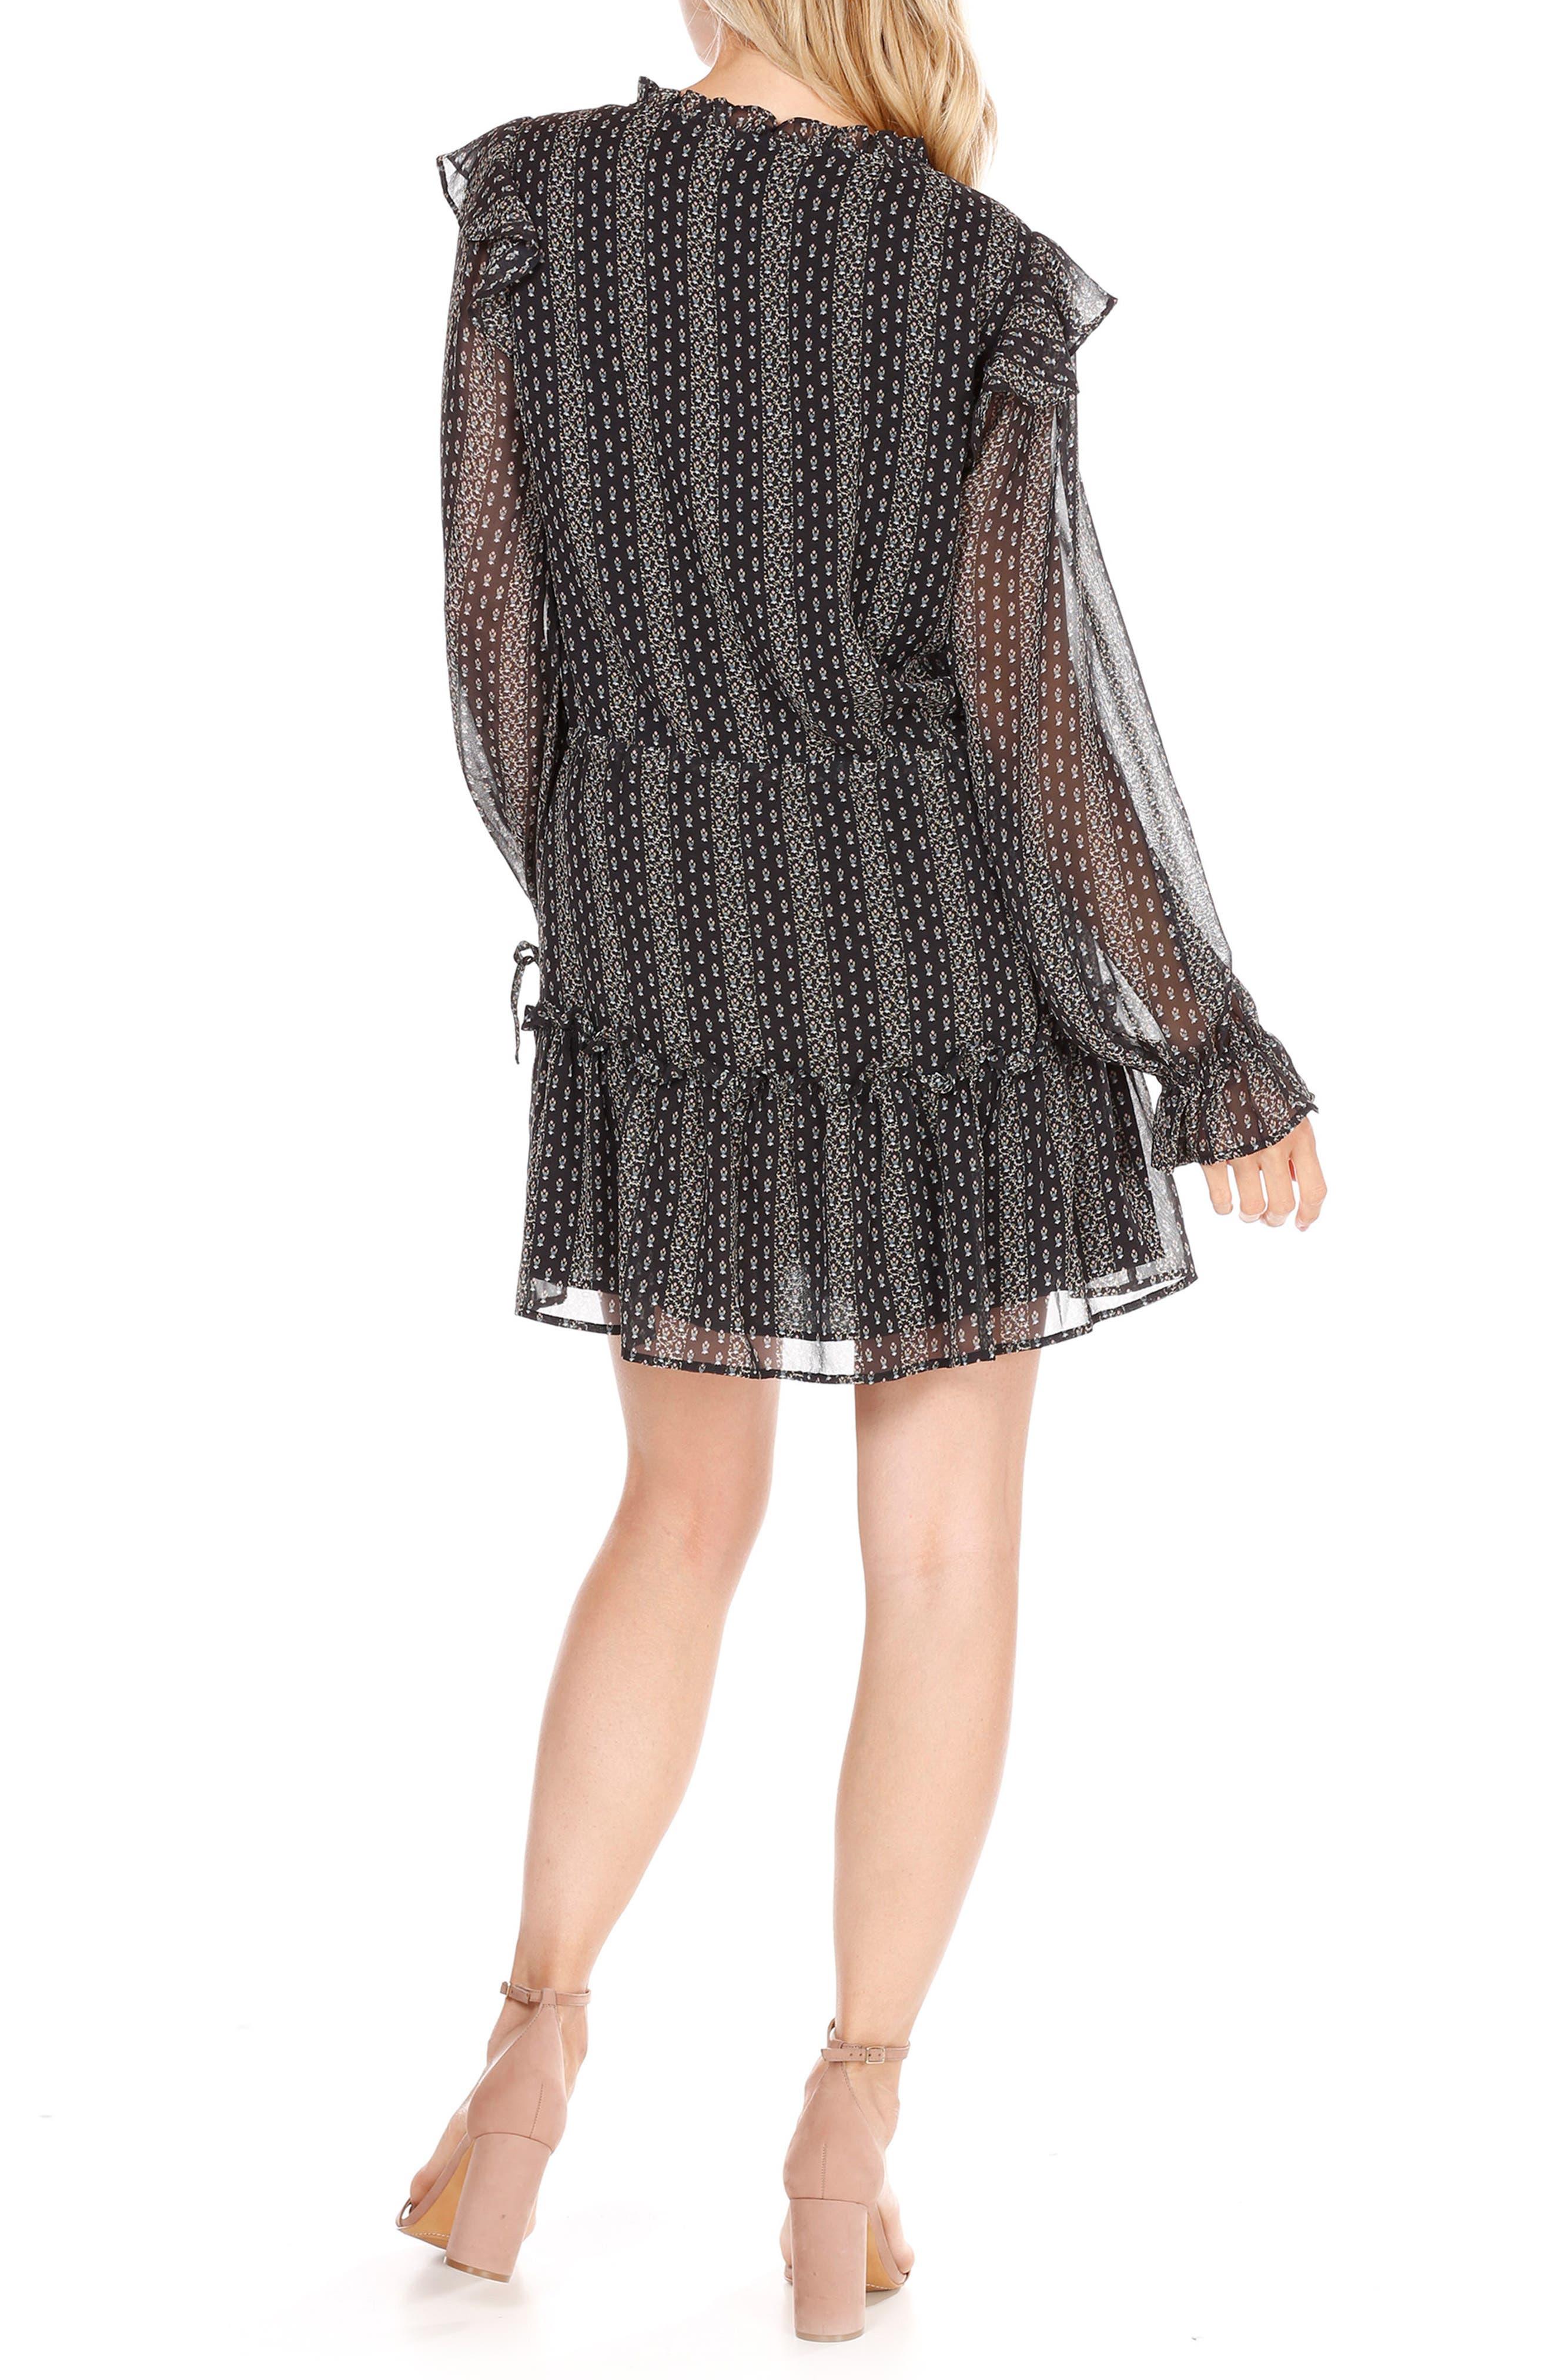 Pomello Silk Blouson Dress,                             Alternate thumbnail 2, color,                             Black Multi Mini Palace Garden